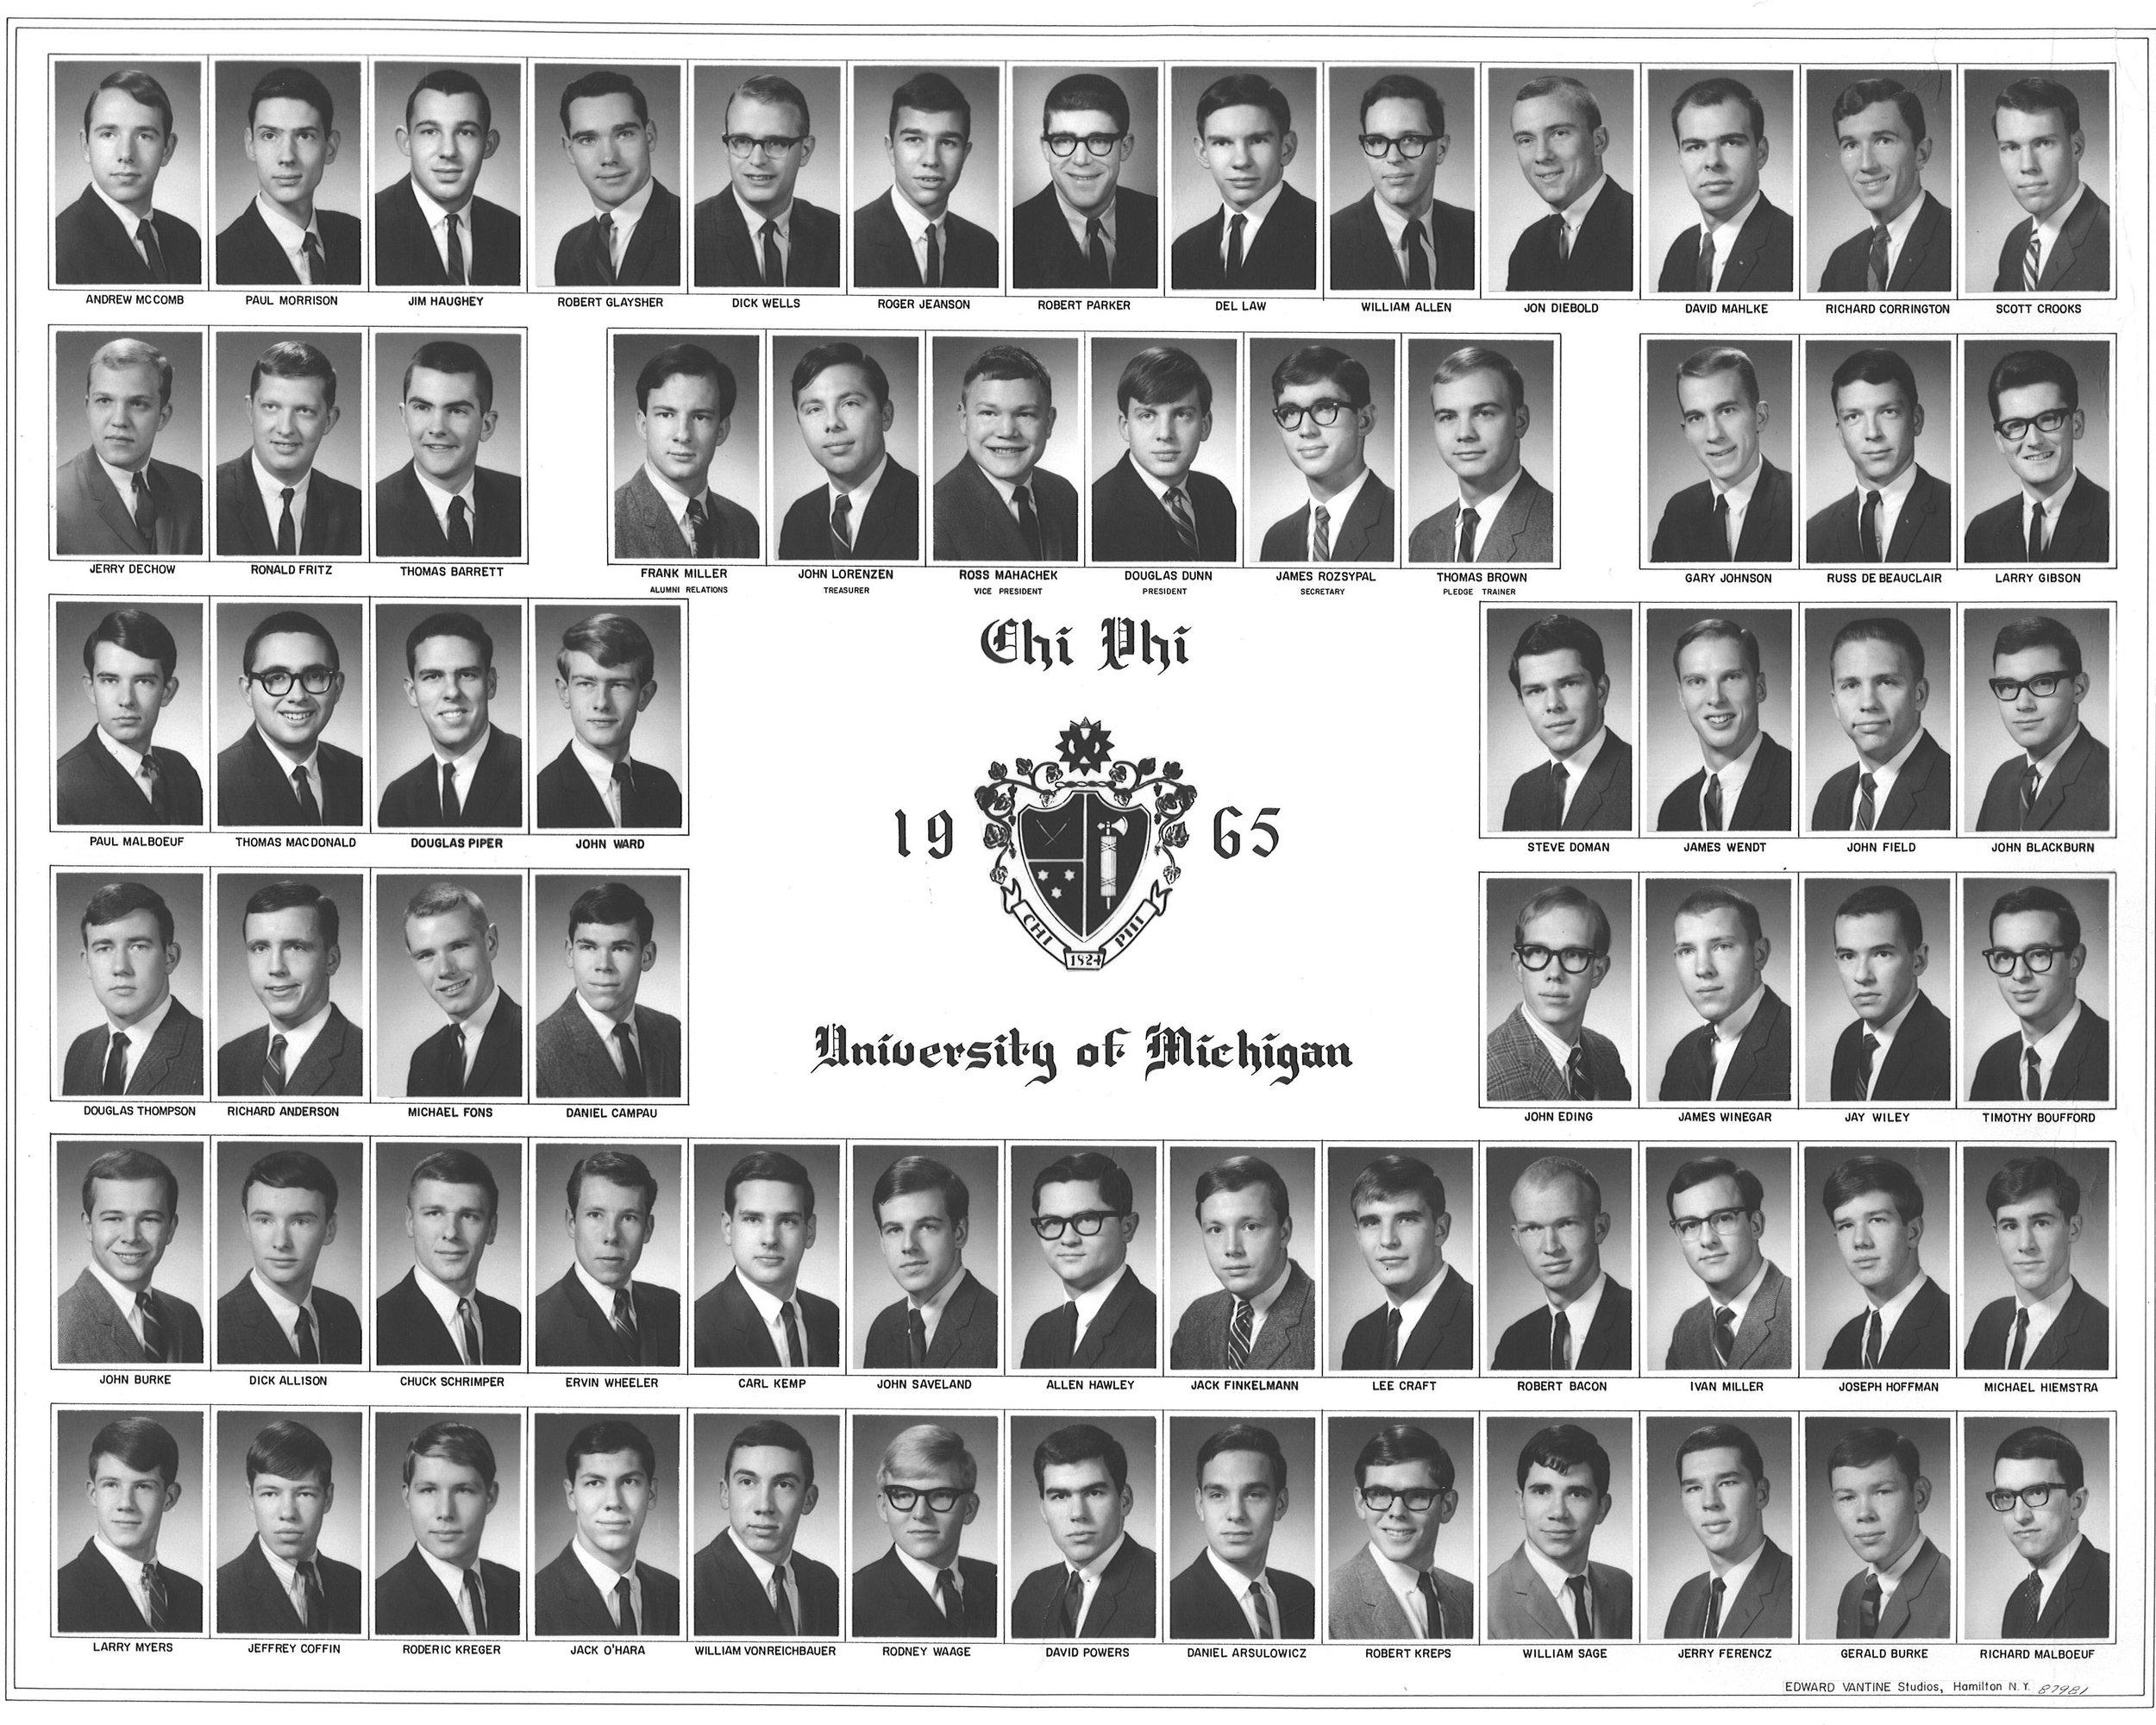 Alpha-Tau1965-enh.jpg